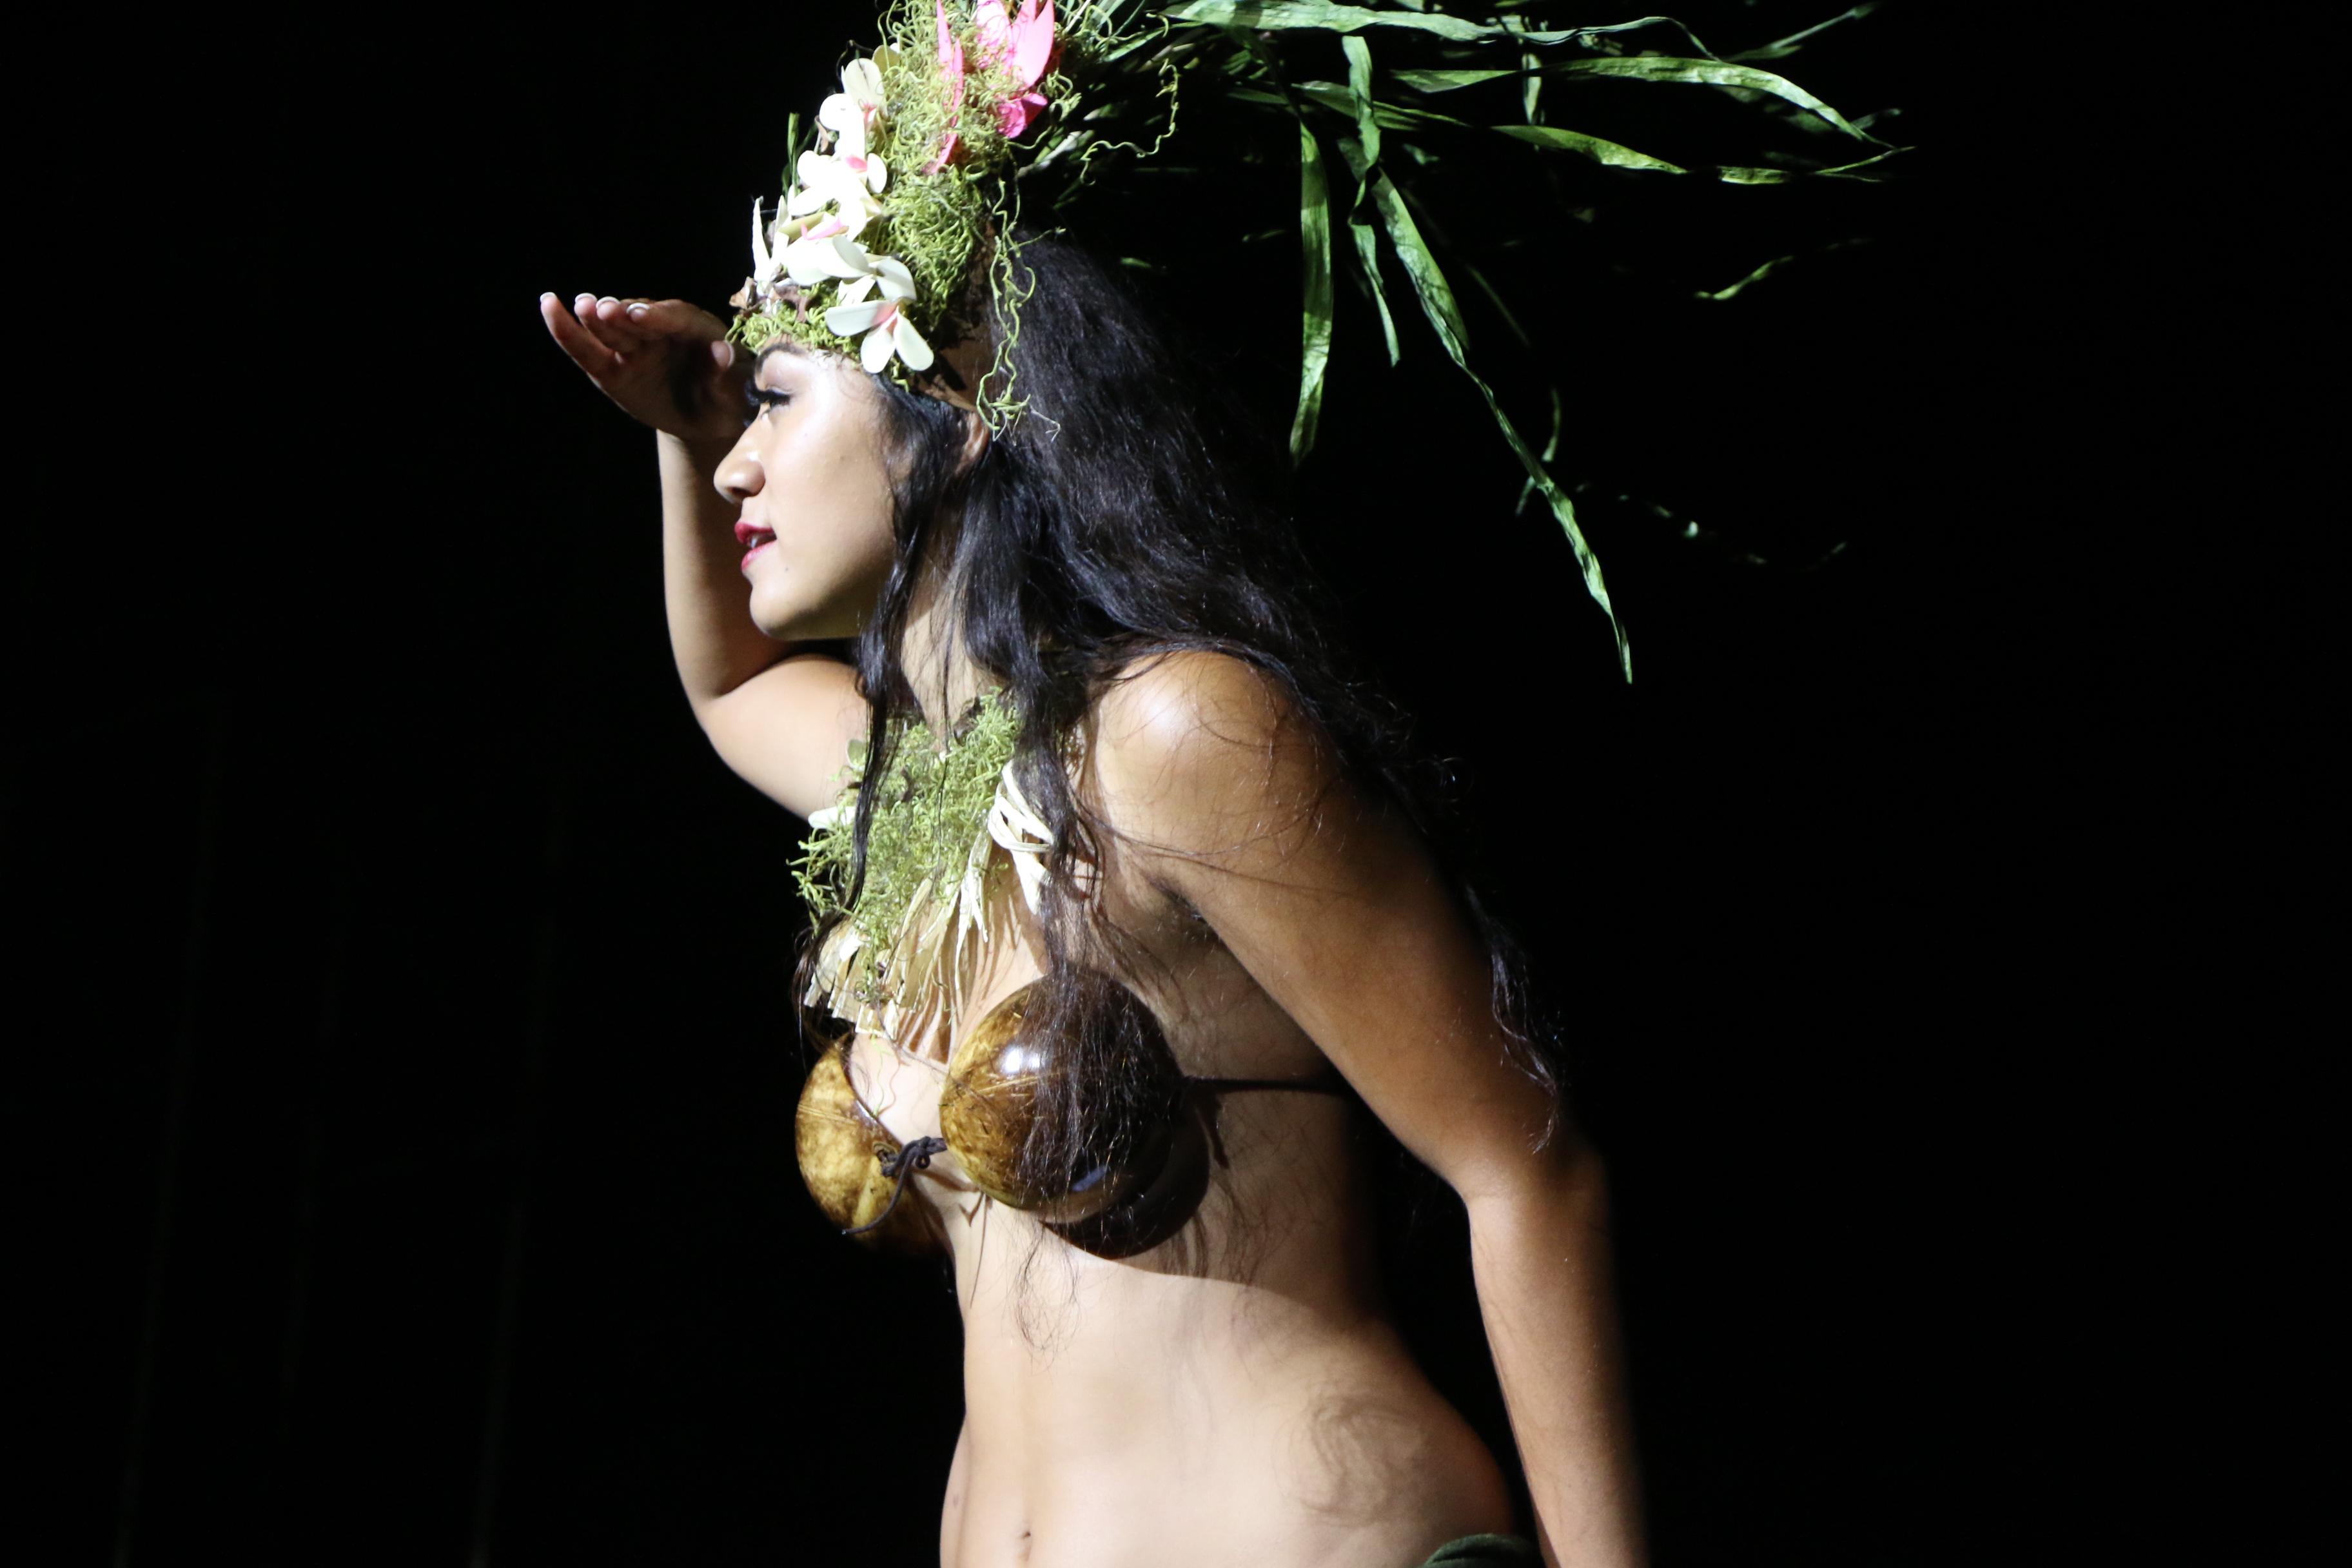 tahiti-dance-online 002